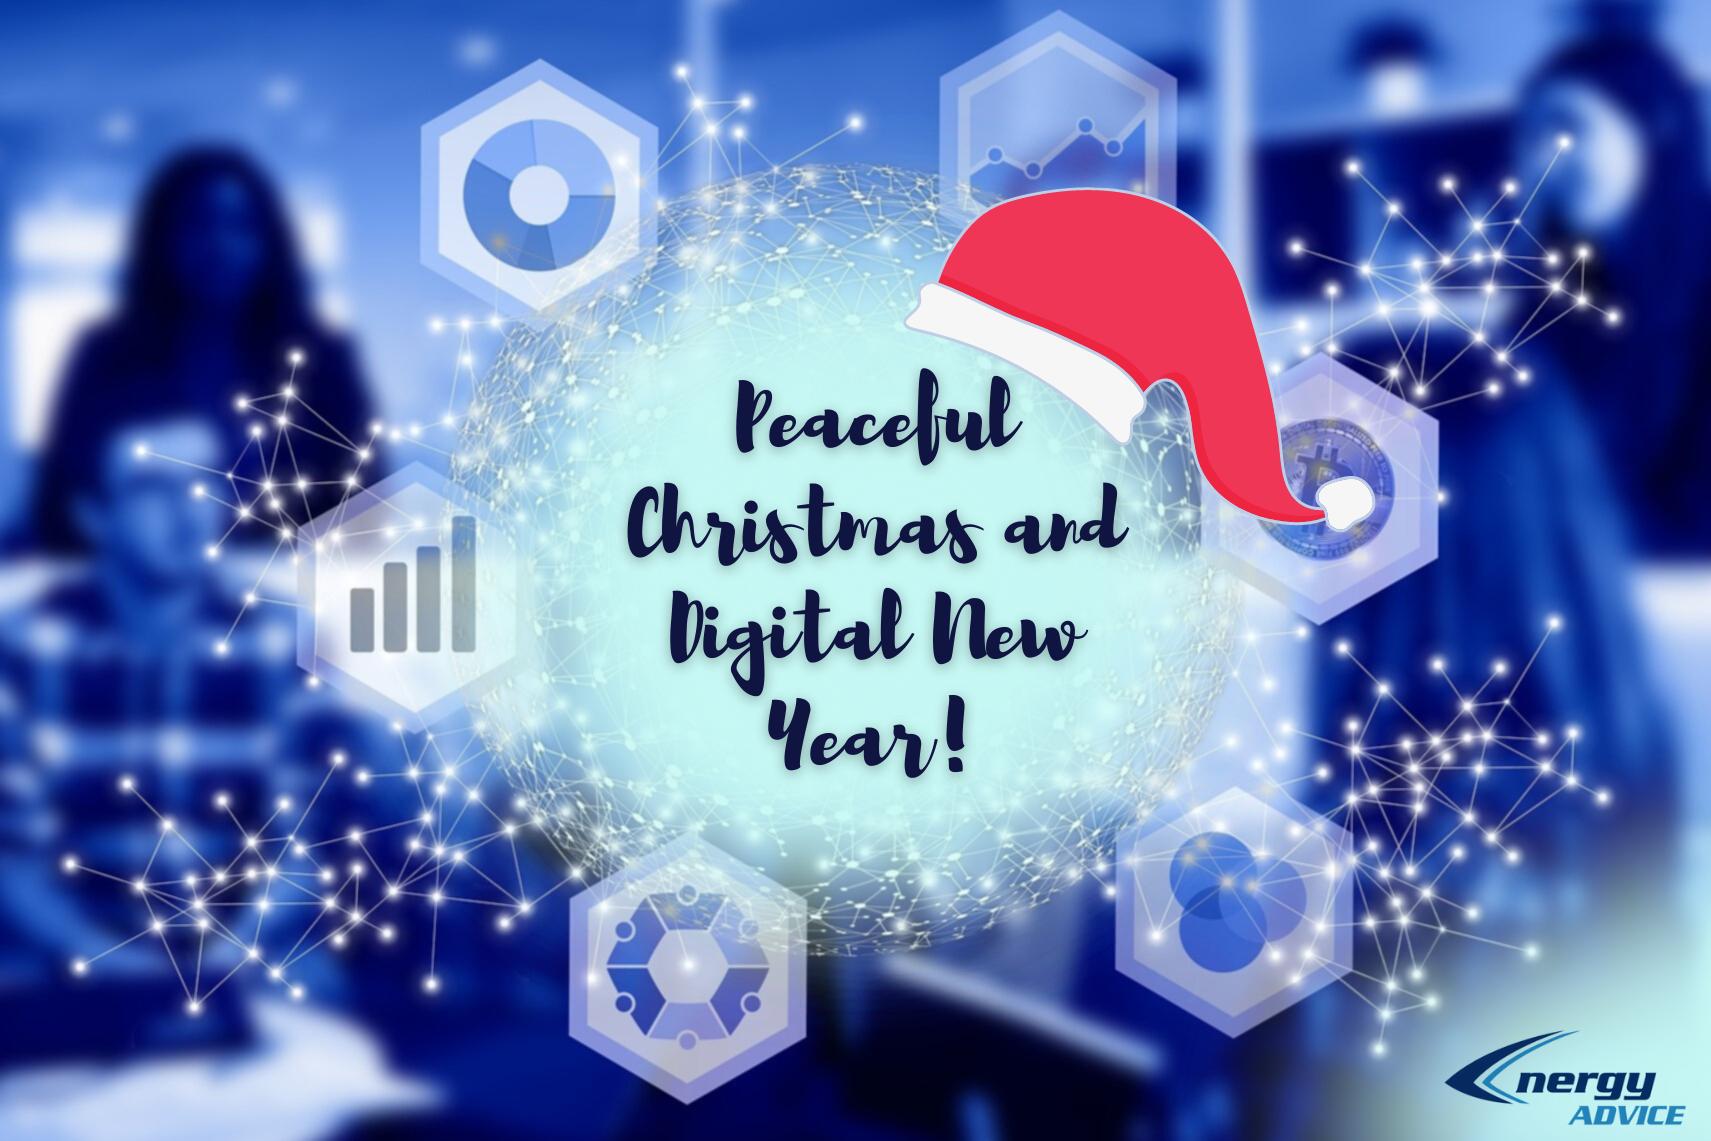 Jaukių šv. Kalėdų ir efektyvių Naujųjų metų!